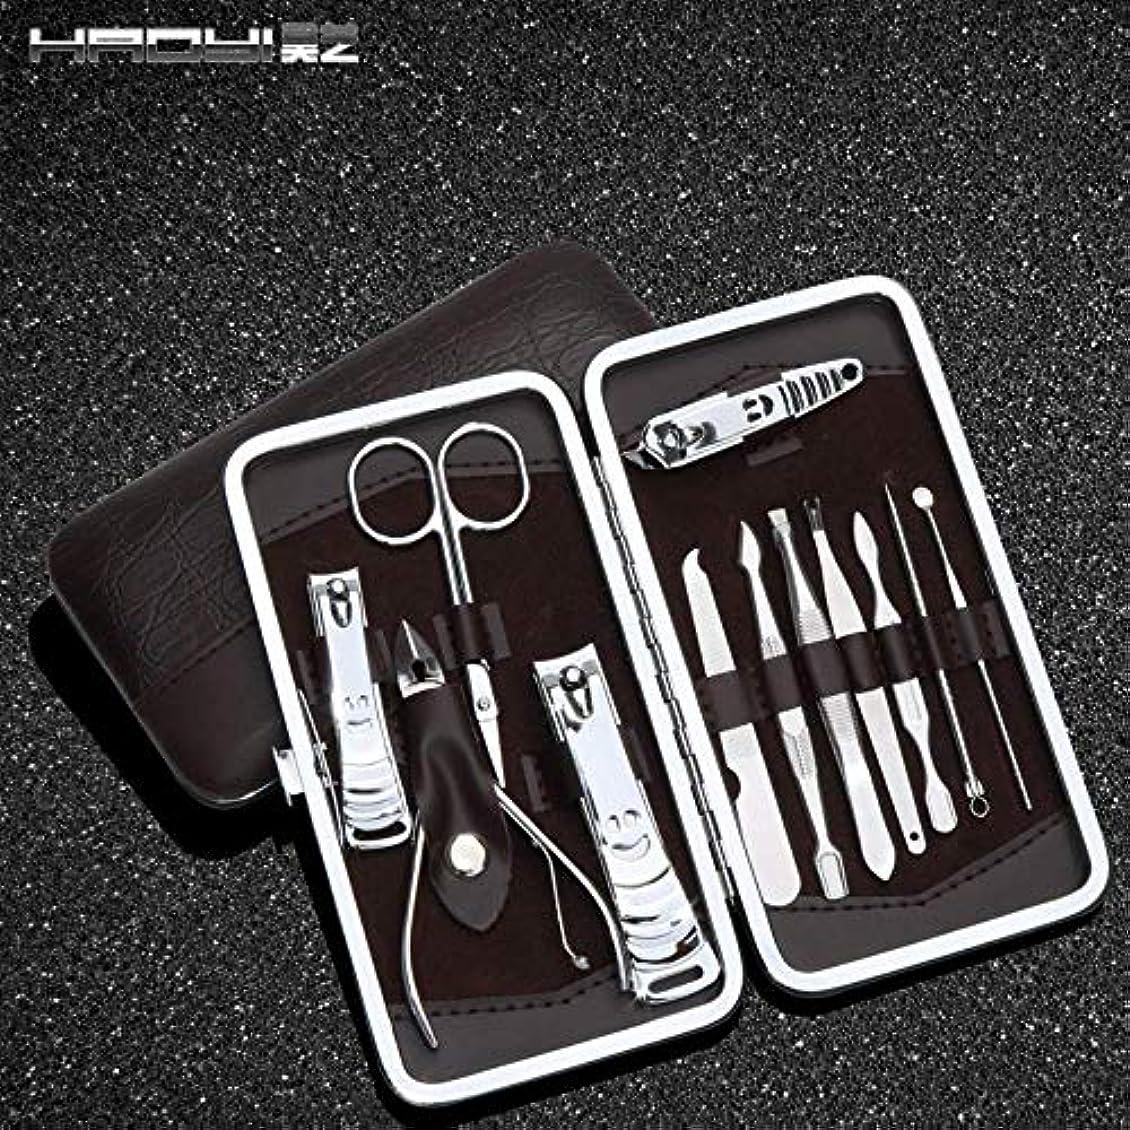 労働可能にする選挙爪切りセット12ステンレス鋼爪切りセット美容マニキュアツール爪切り爪やすり 12ピースのライトストーン柄